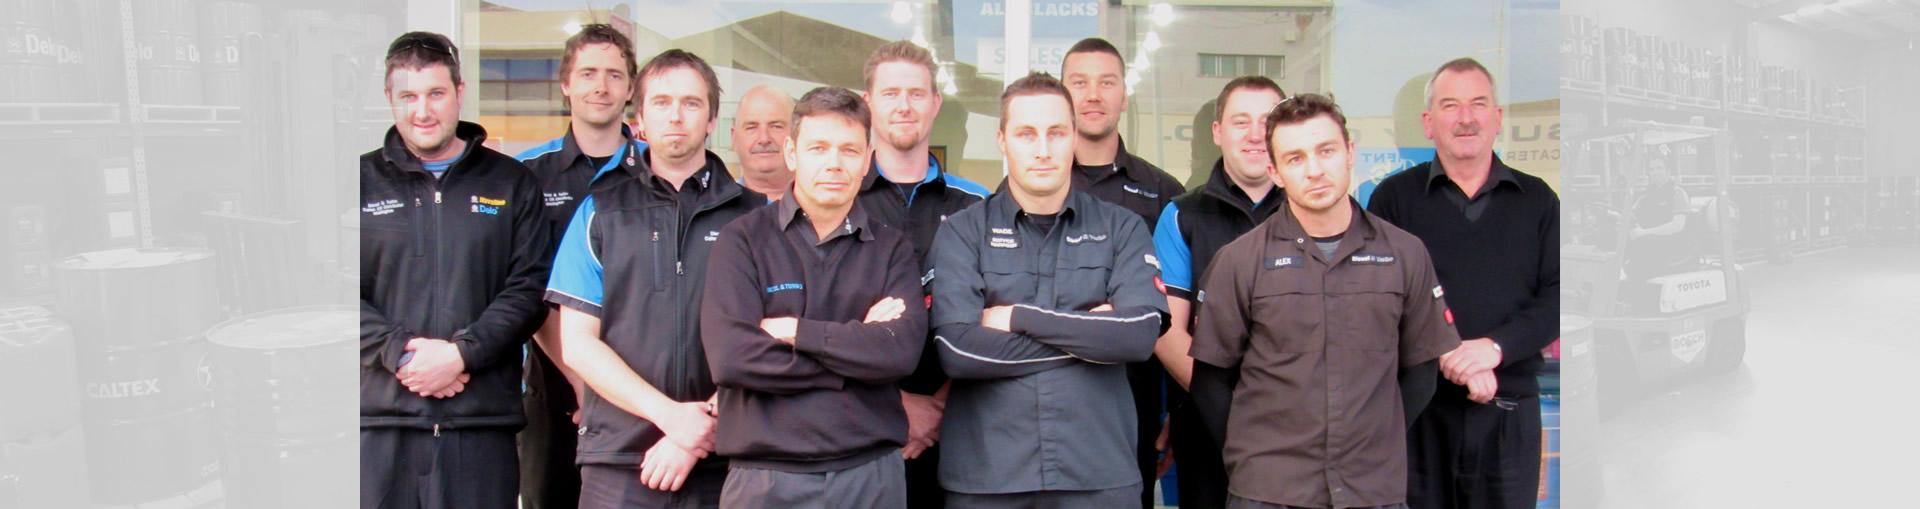 The-Team01